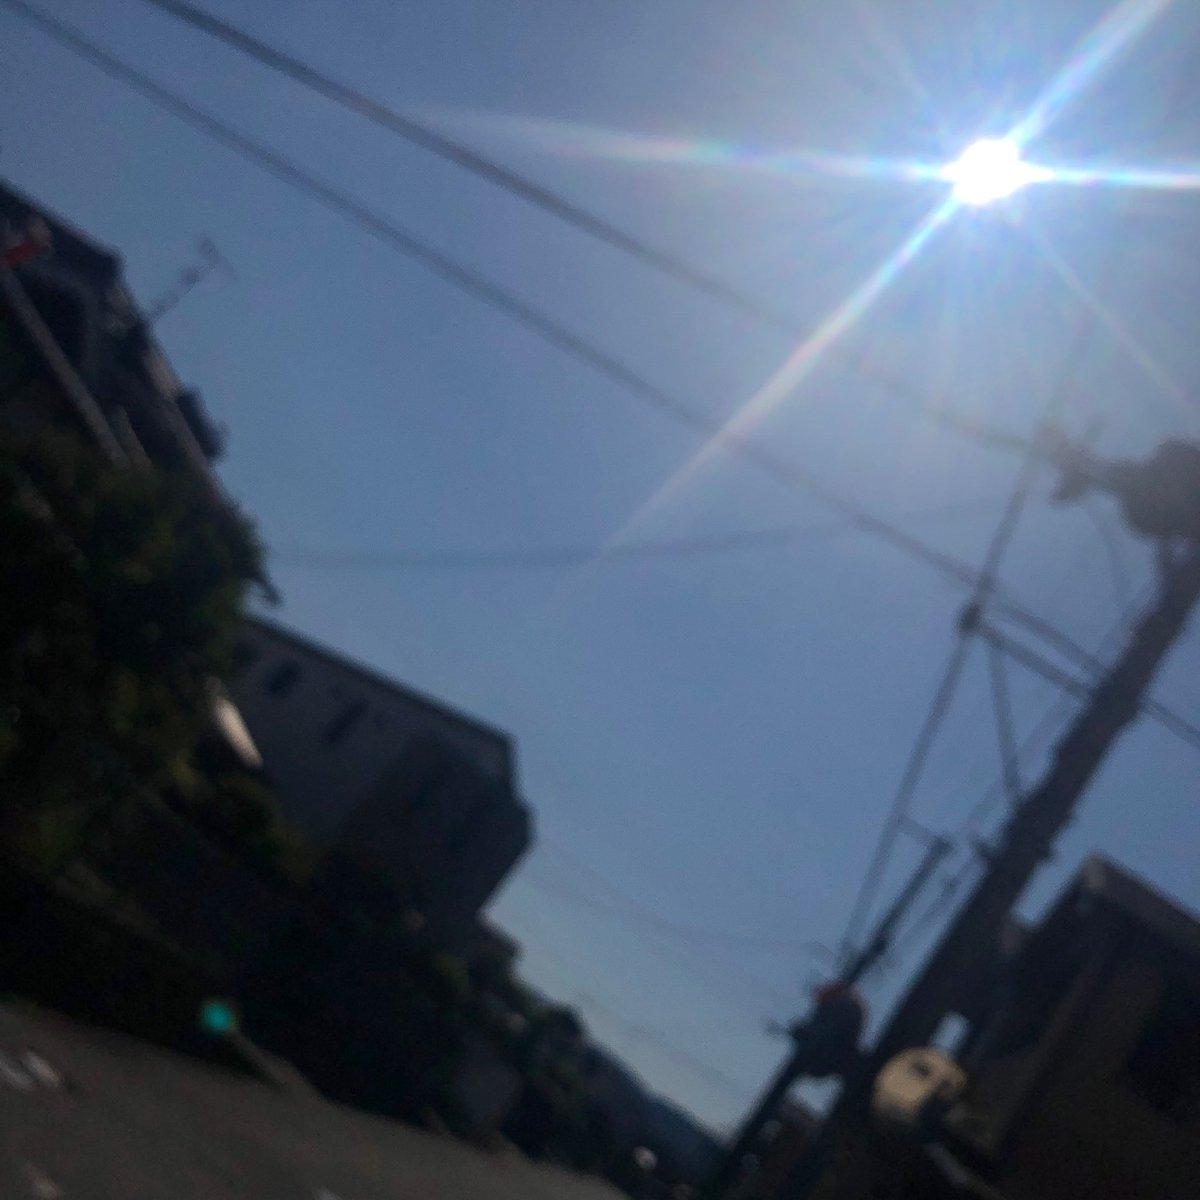 今日も眩しいくらいの太陽が  来週からは天気が崩れるみたいですね #今日の空 #カメラ好きと繋がりたい  #カメラ好きな人と繋がりたい  #写真好きな人とつながりたい  #空がある風景 #ファインダー越しの私の世界 #イマソラ #写真で伝えたい私の世界 #写真で奏でる私の世界 #ゆきフォト #ふぉとpic.twitter.com/kgZMghxwkg